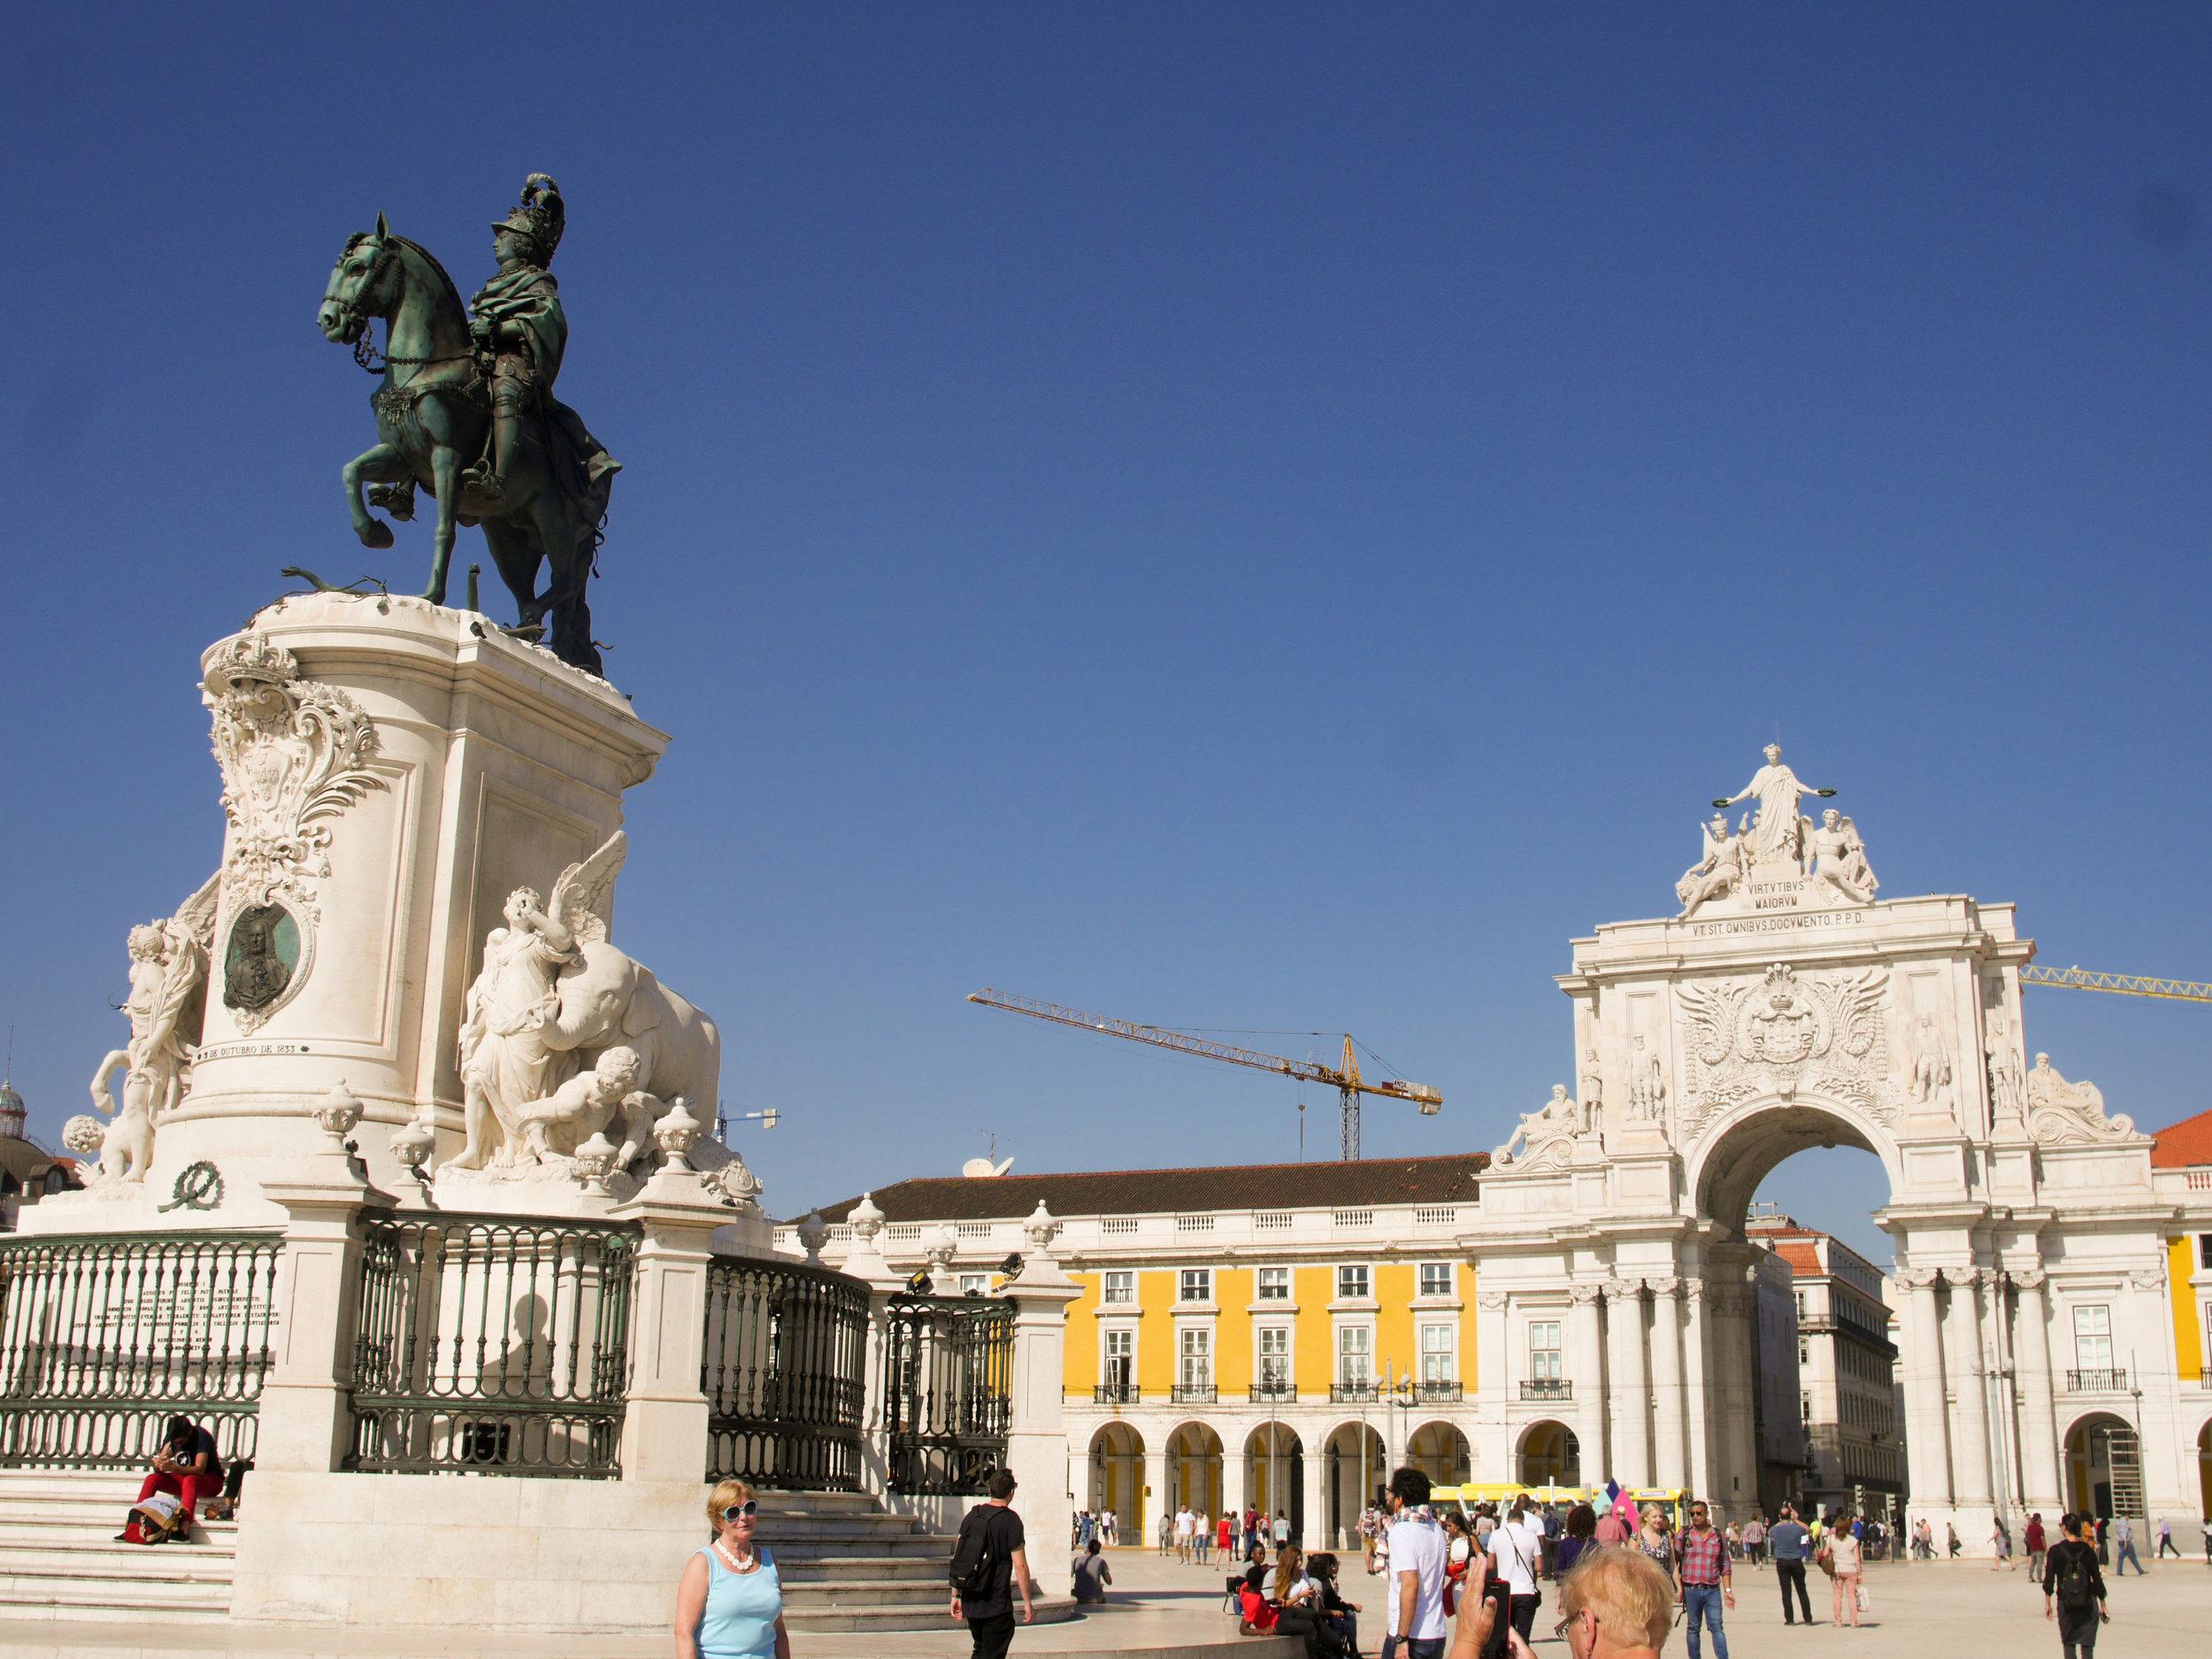 Praça do Comercio in Lisbon, Portugal